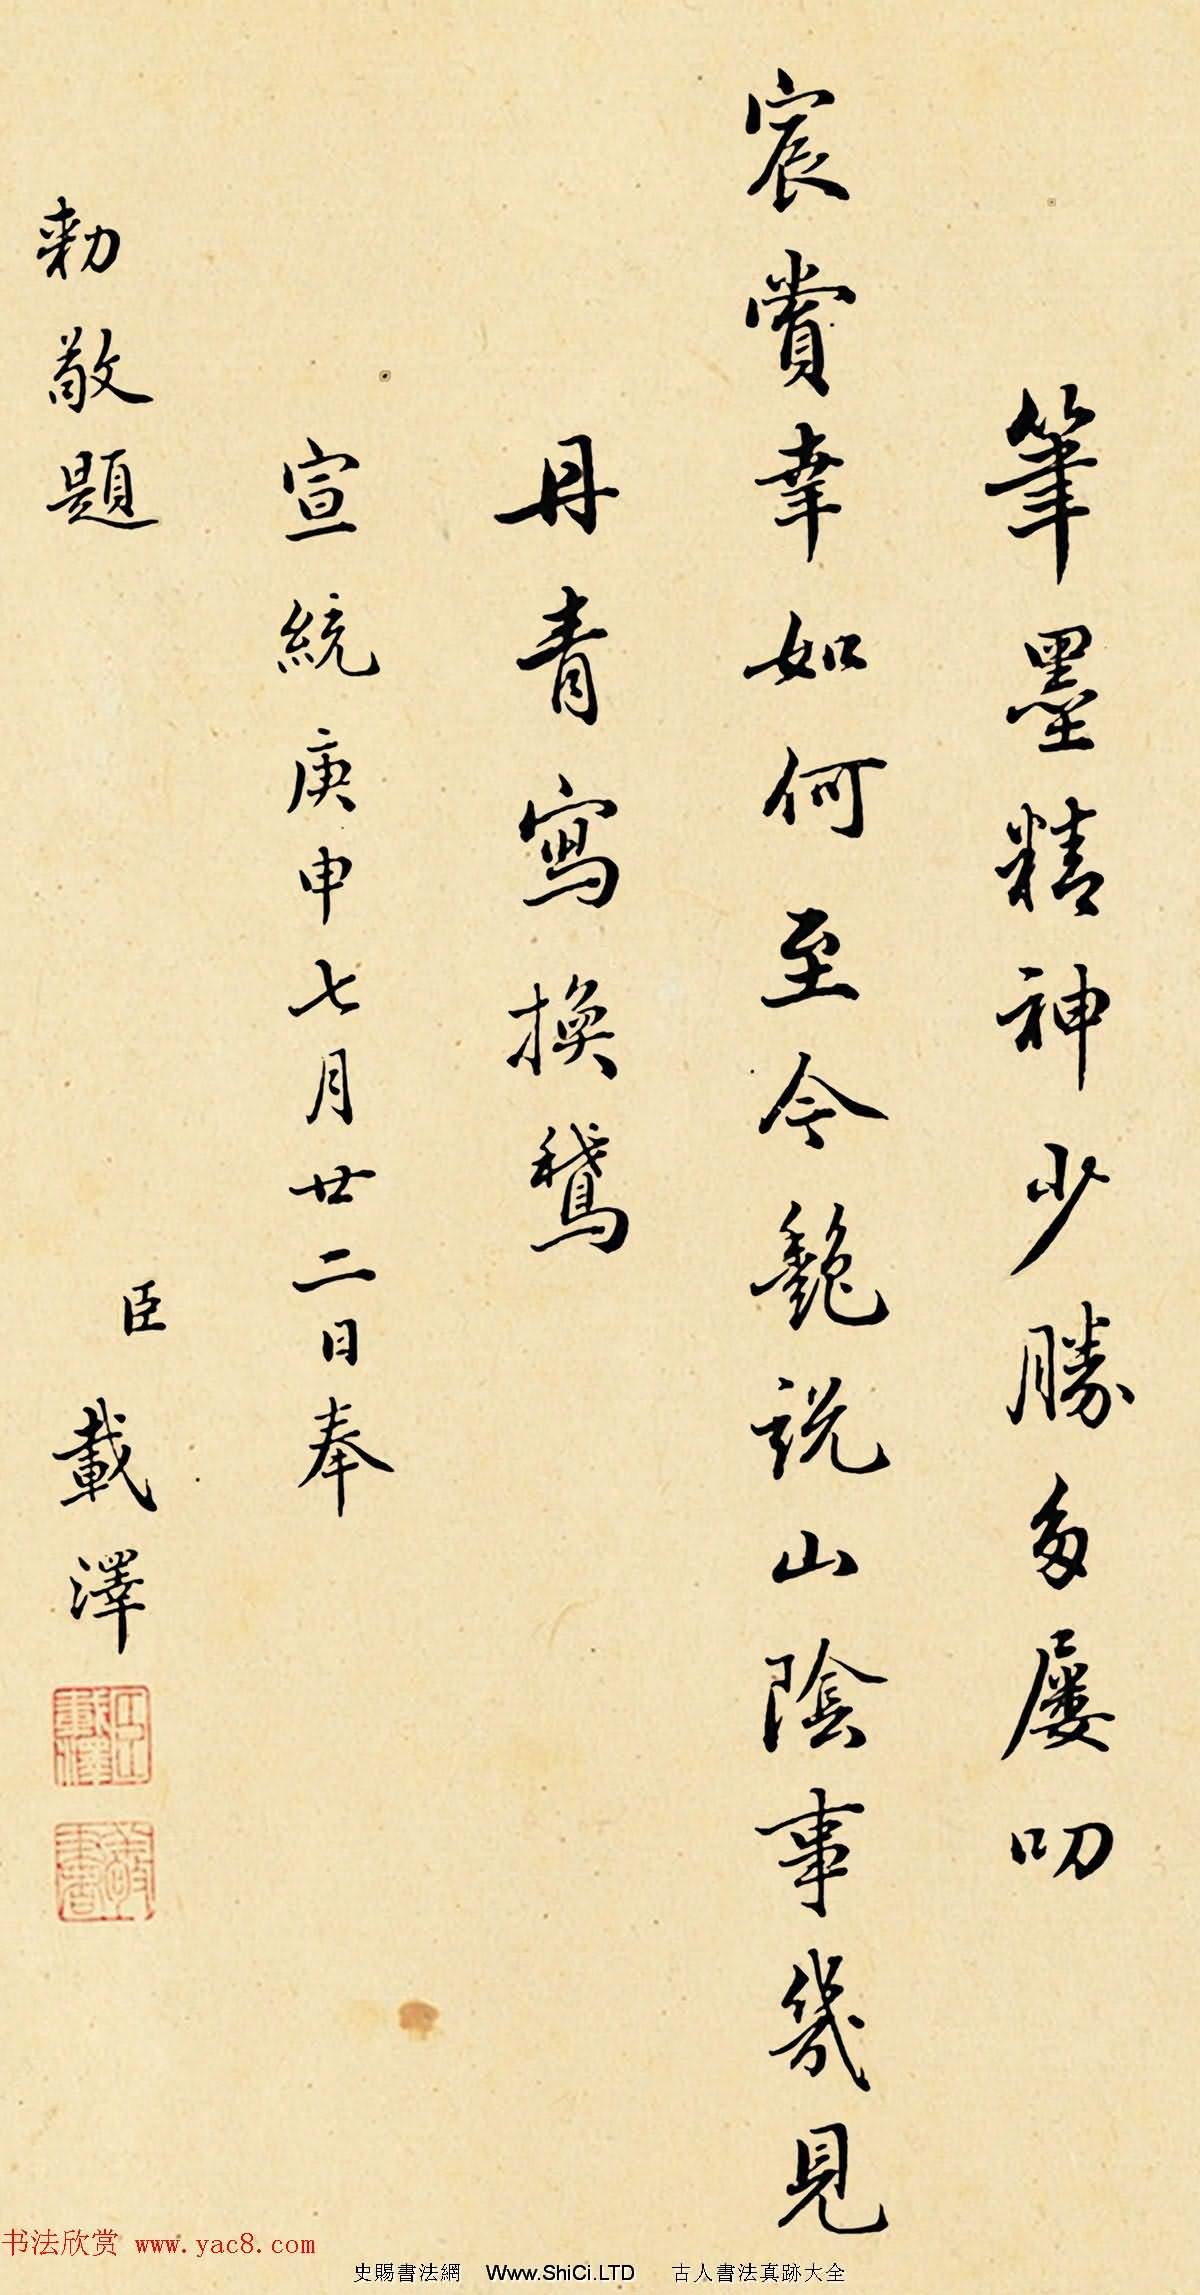 愛新覺羅家族五人同題觀鵝圖(共5張圖片)